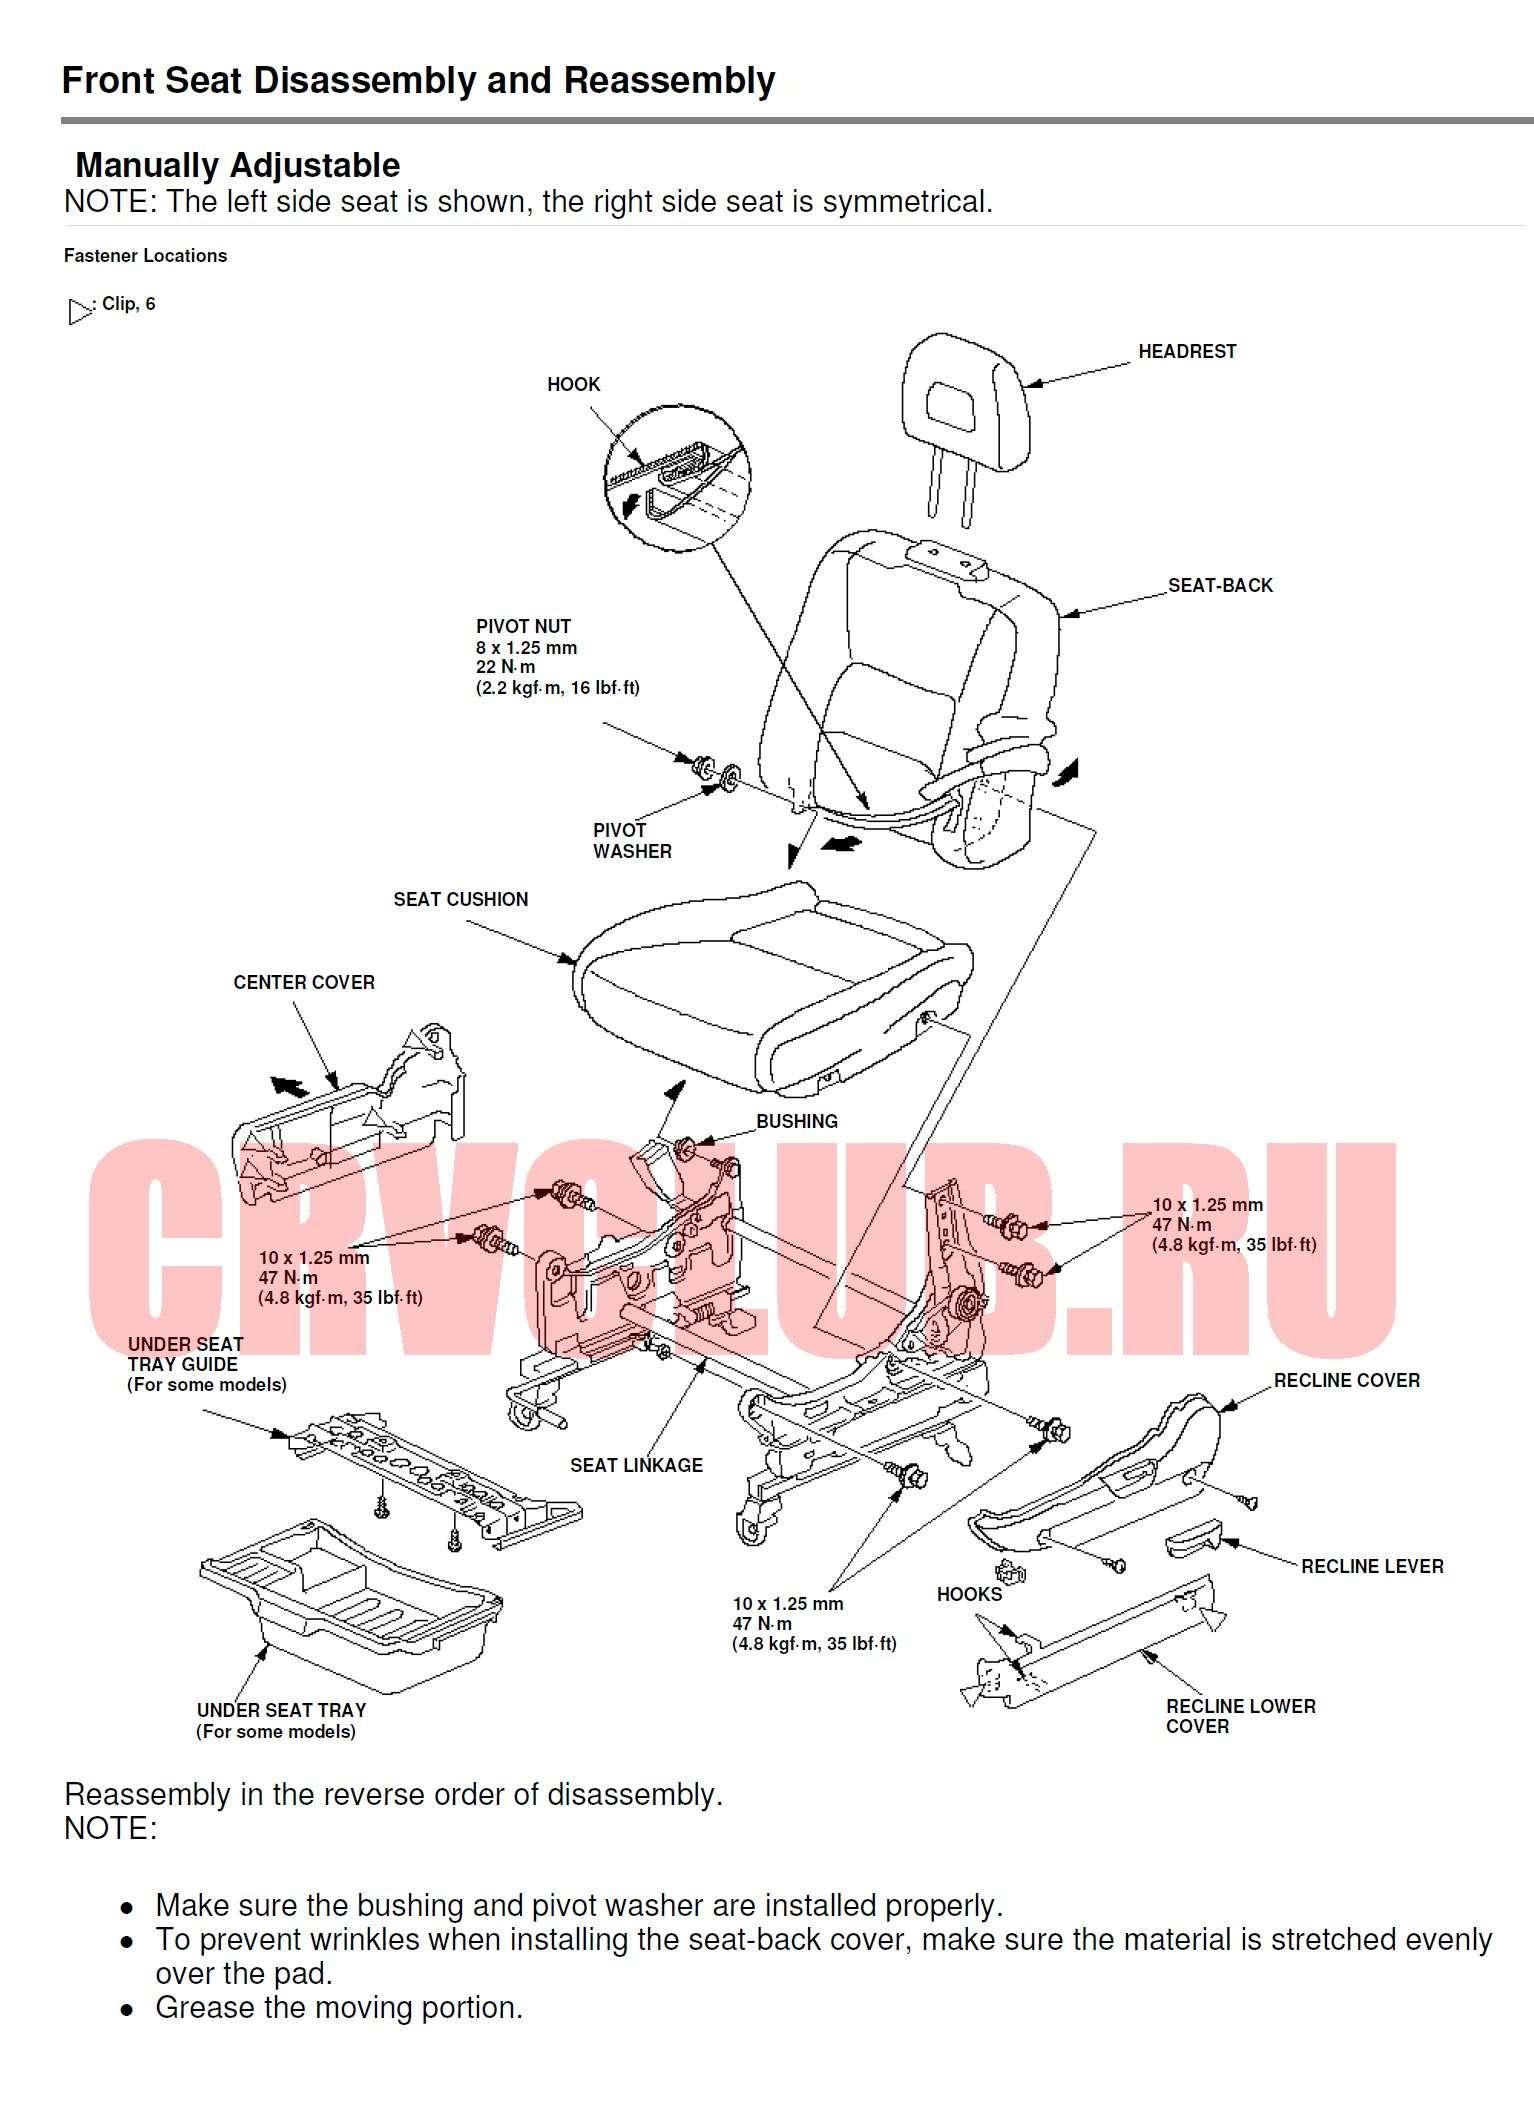 схема крепления заднего крыла хонды срв 2012